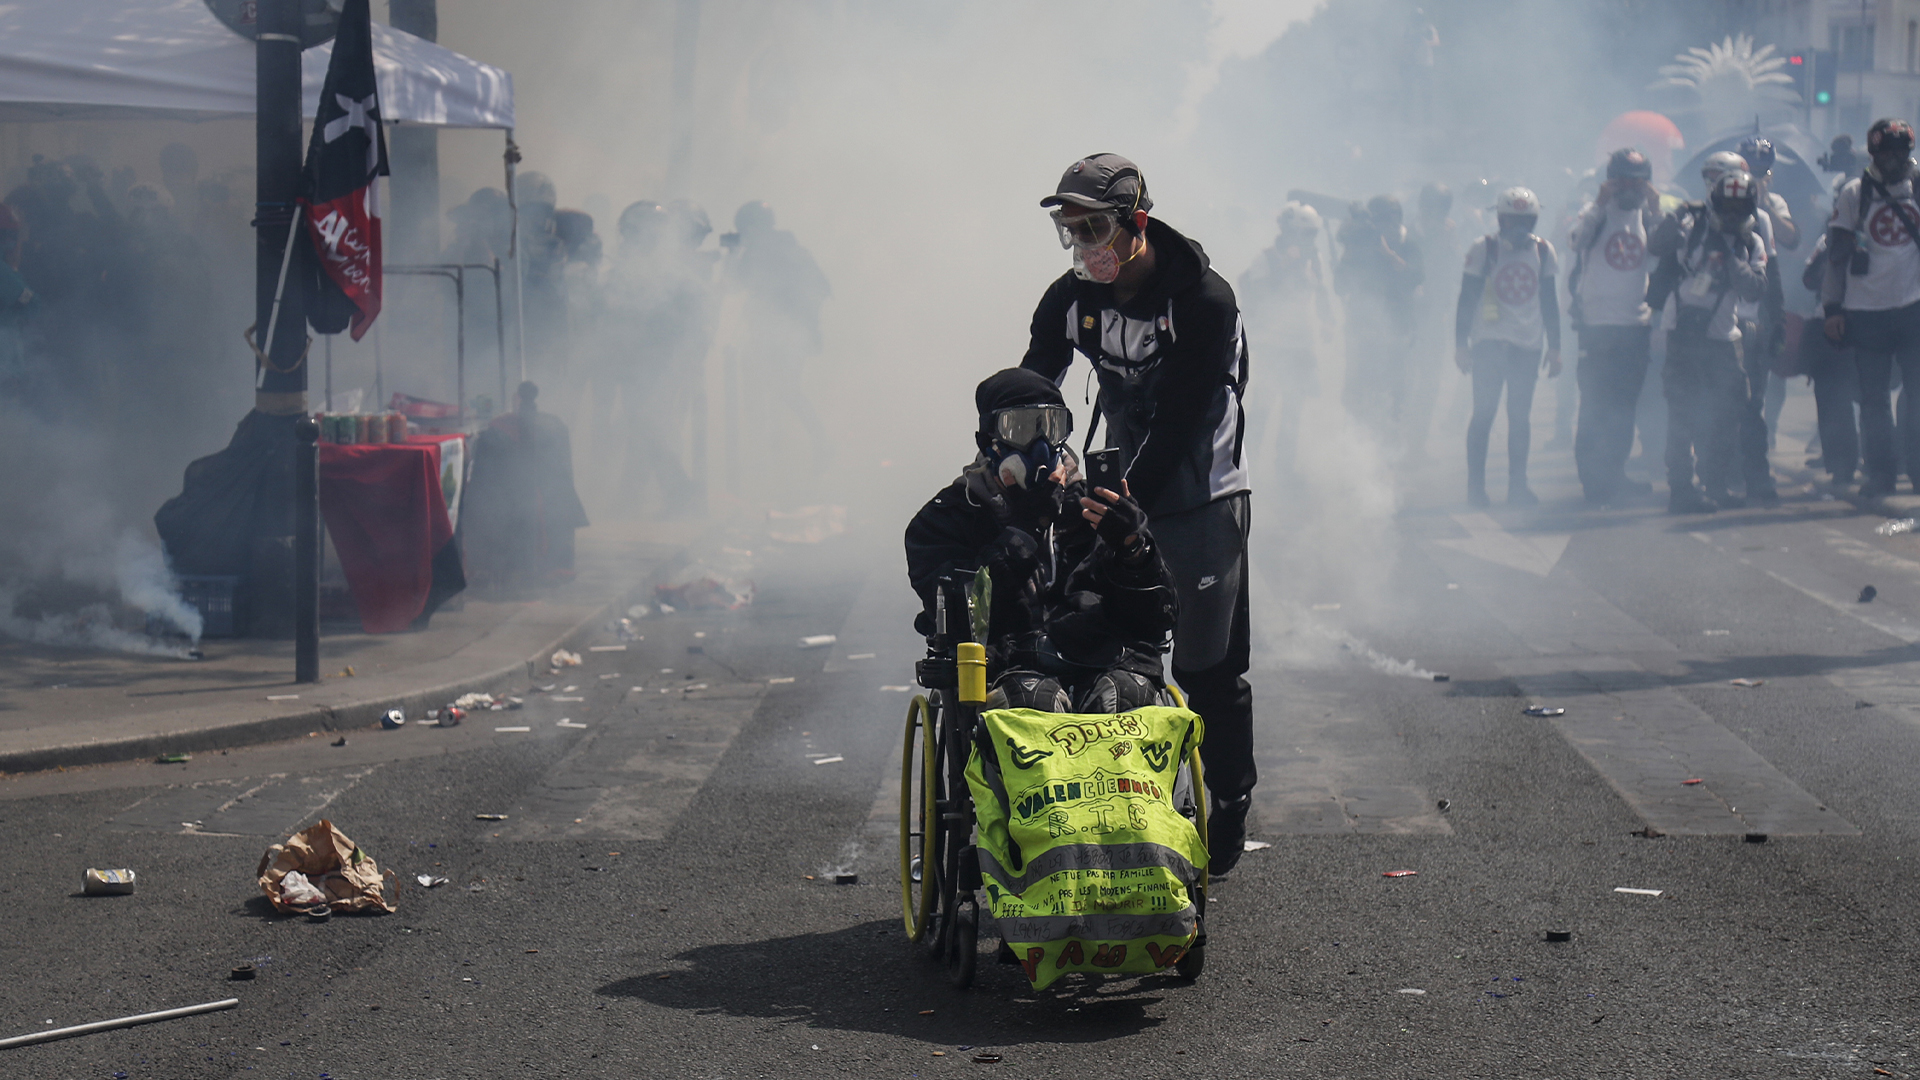 Chocaron radicales y policía en París en acto del Día del Trabajo